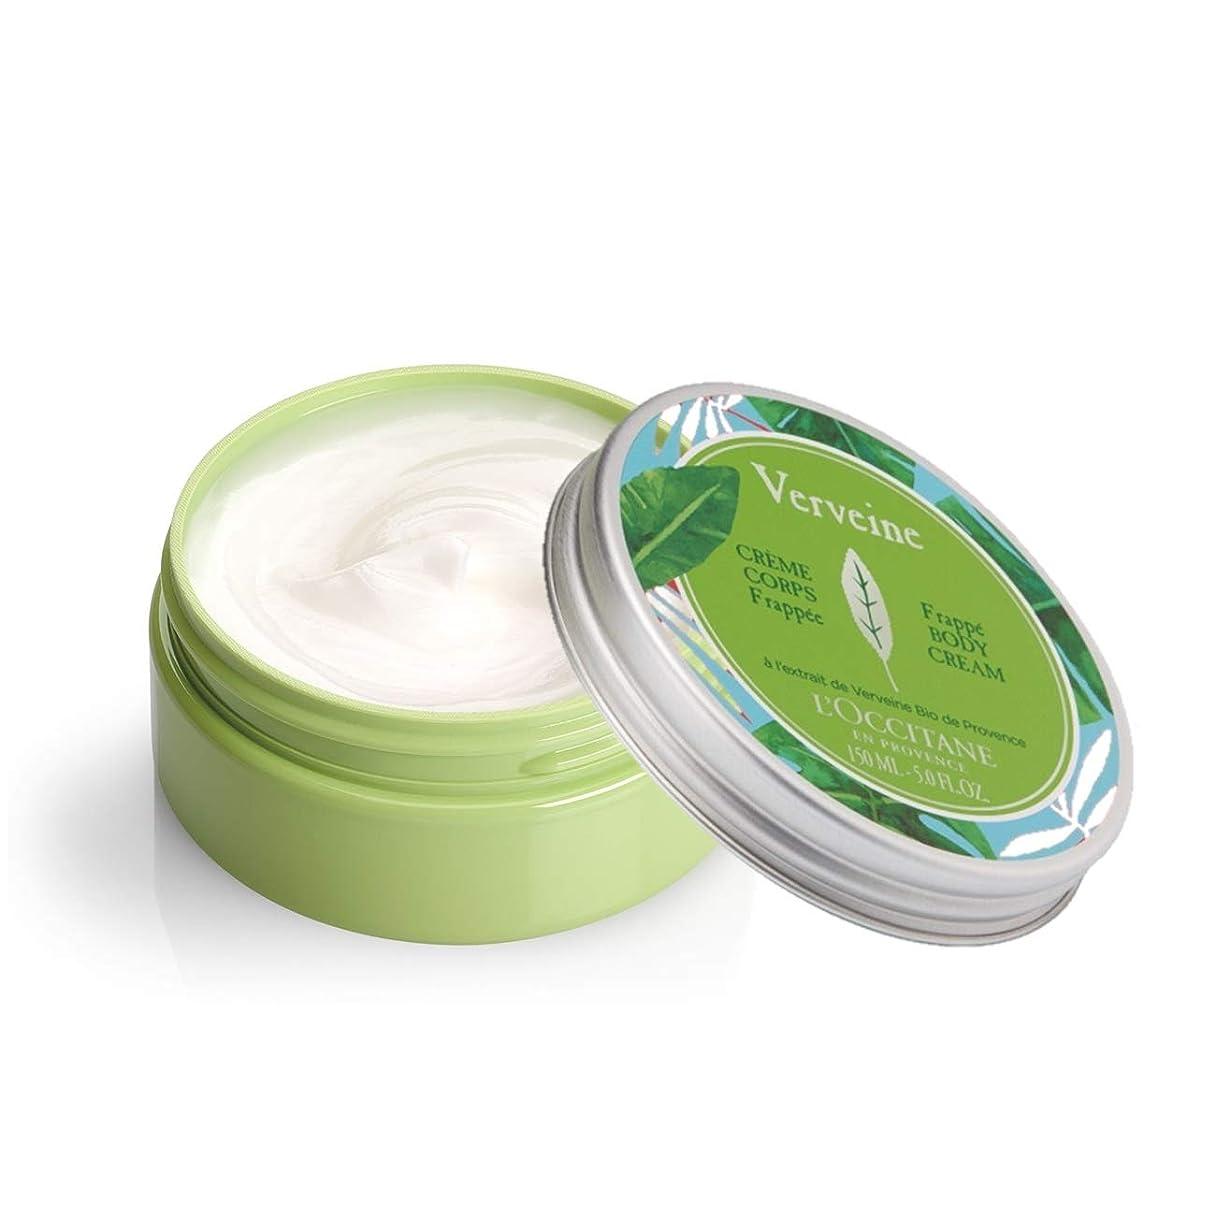 静かなタフバスルームロクシタン(L'OCCITANE) ヴァーベナ フラッペボディクリーム 150ml (ボディ用乳液)